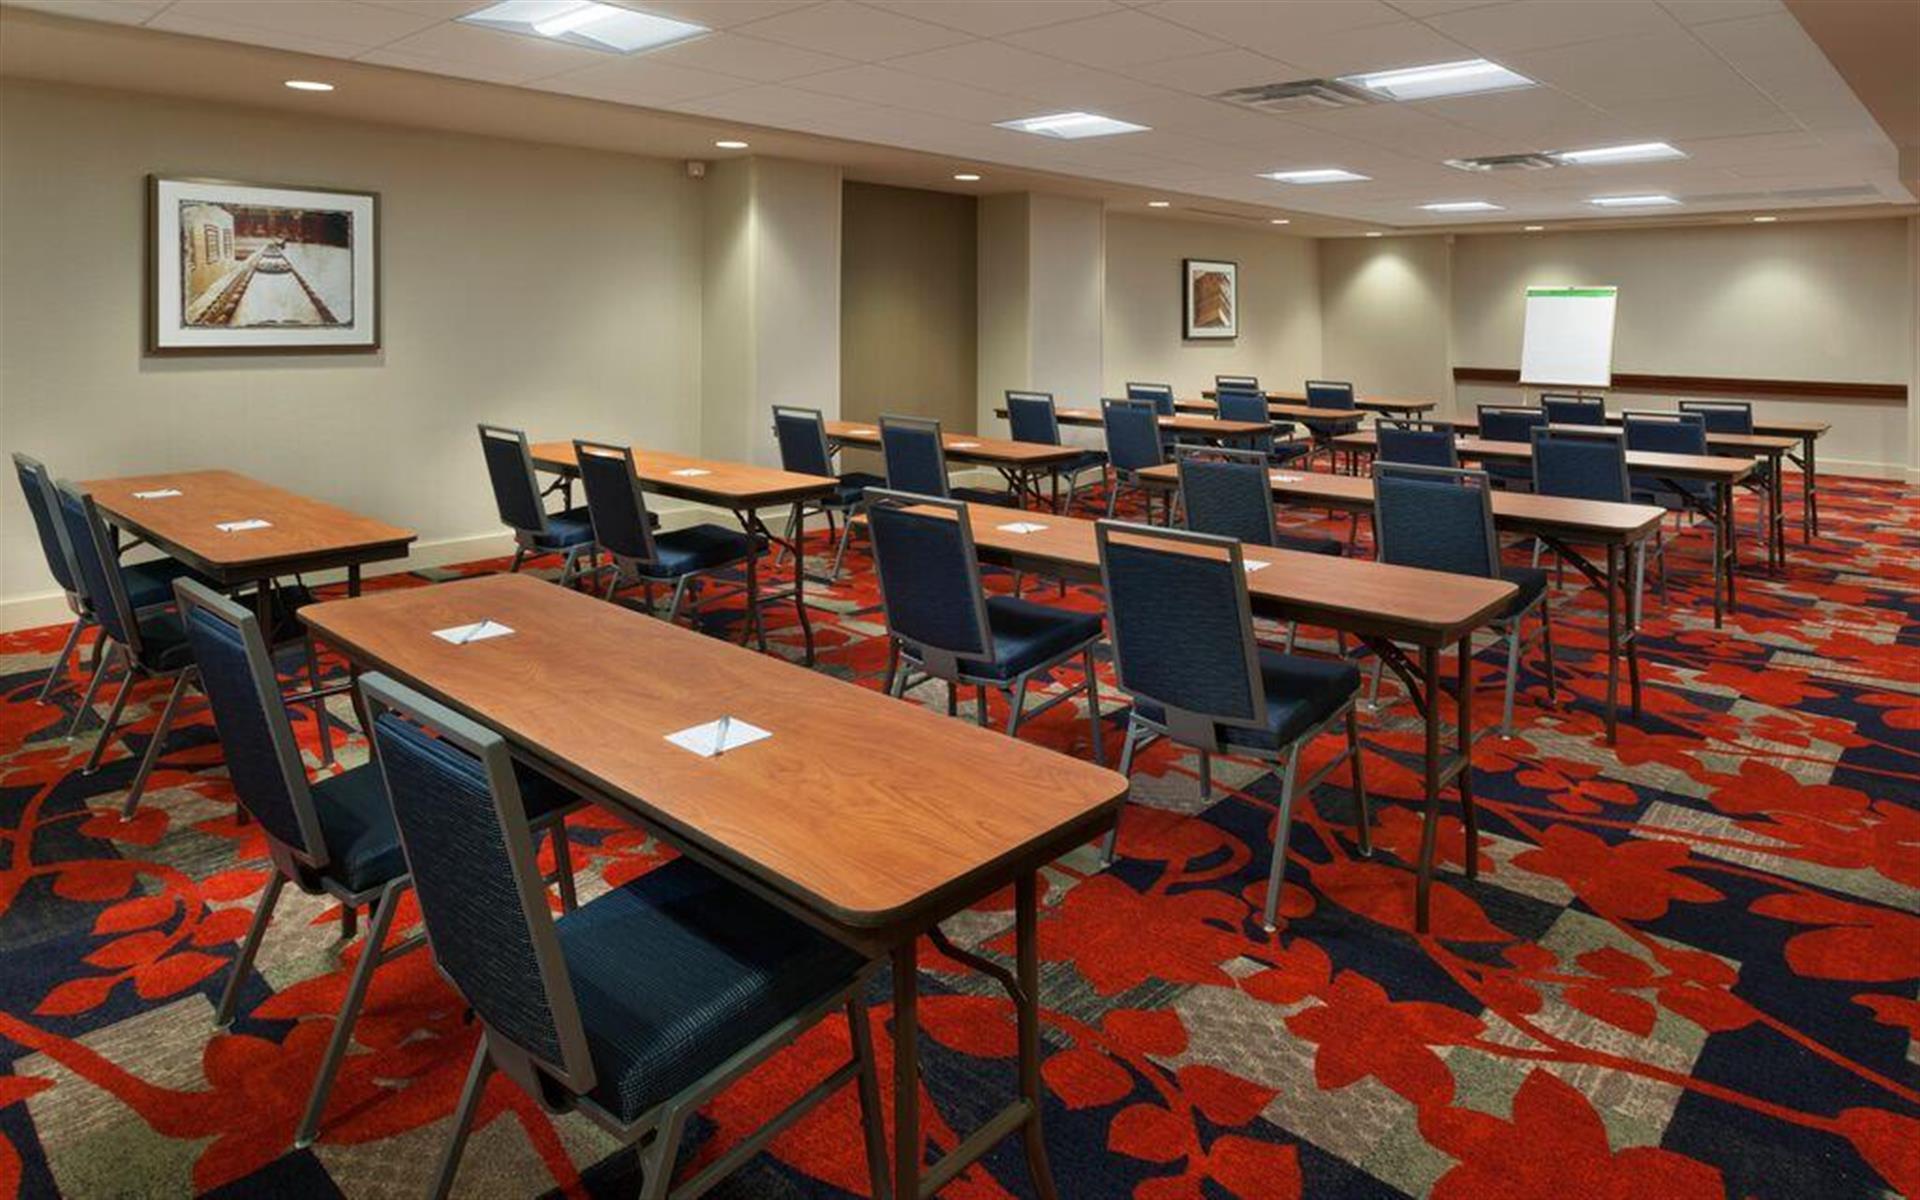 Hampton Inn Washington DC/Whitehouse - Kiplinger Room